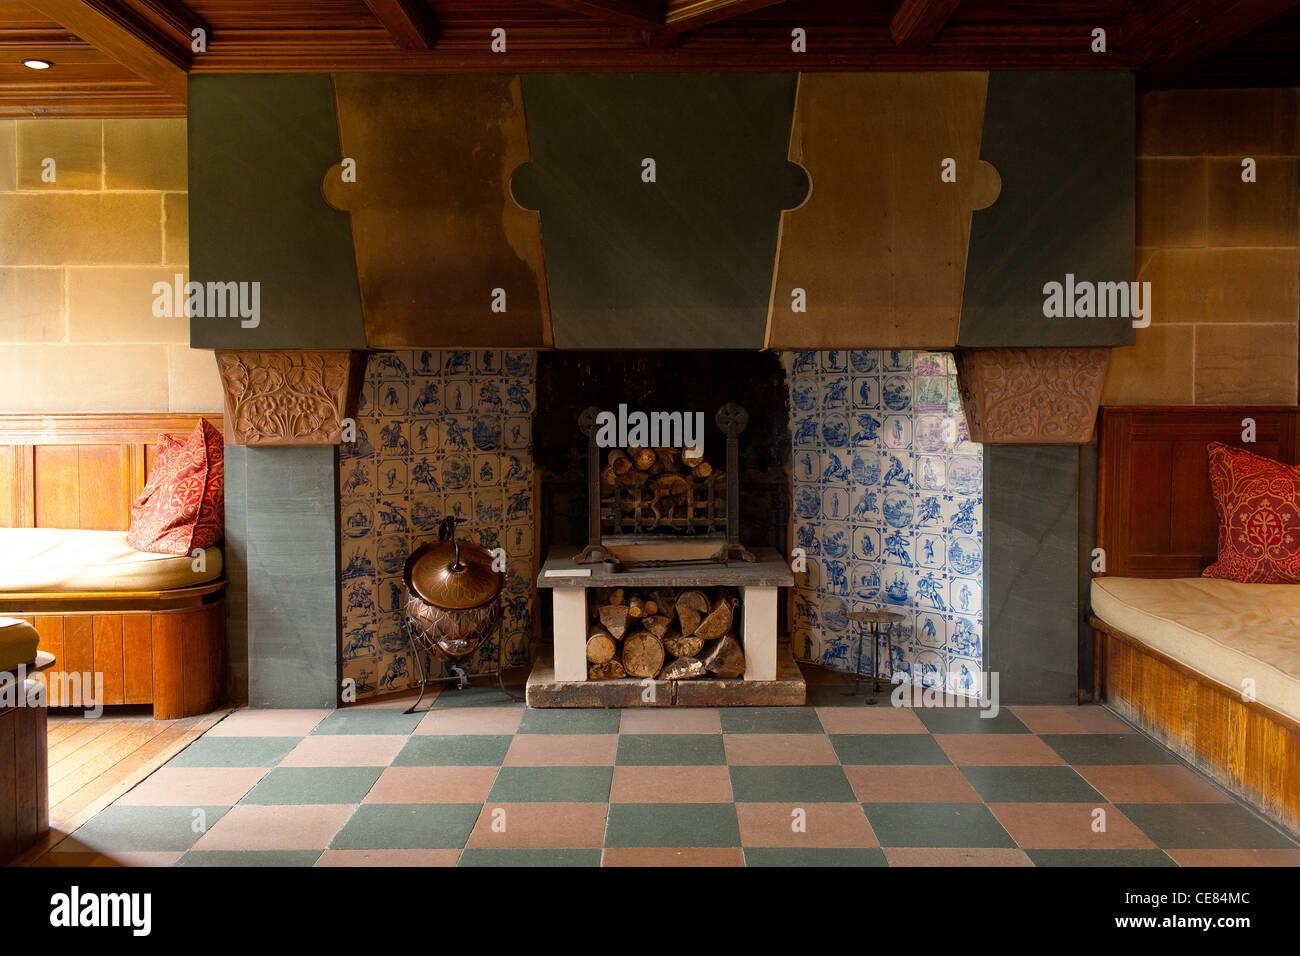 Interni esempi stunning interni esempi with interni - Arte della casa ...